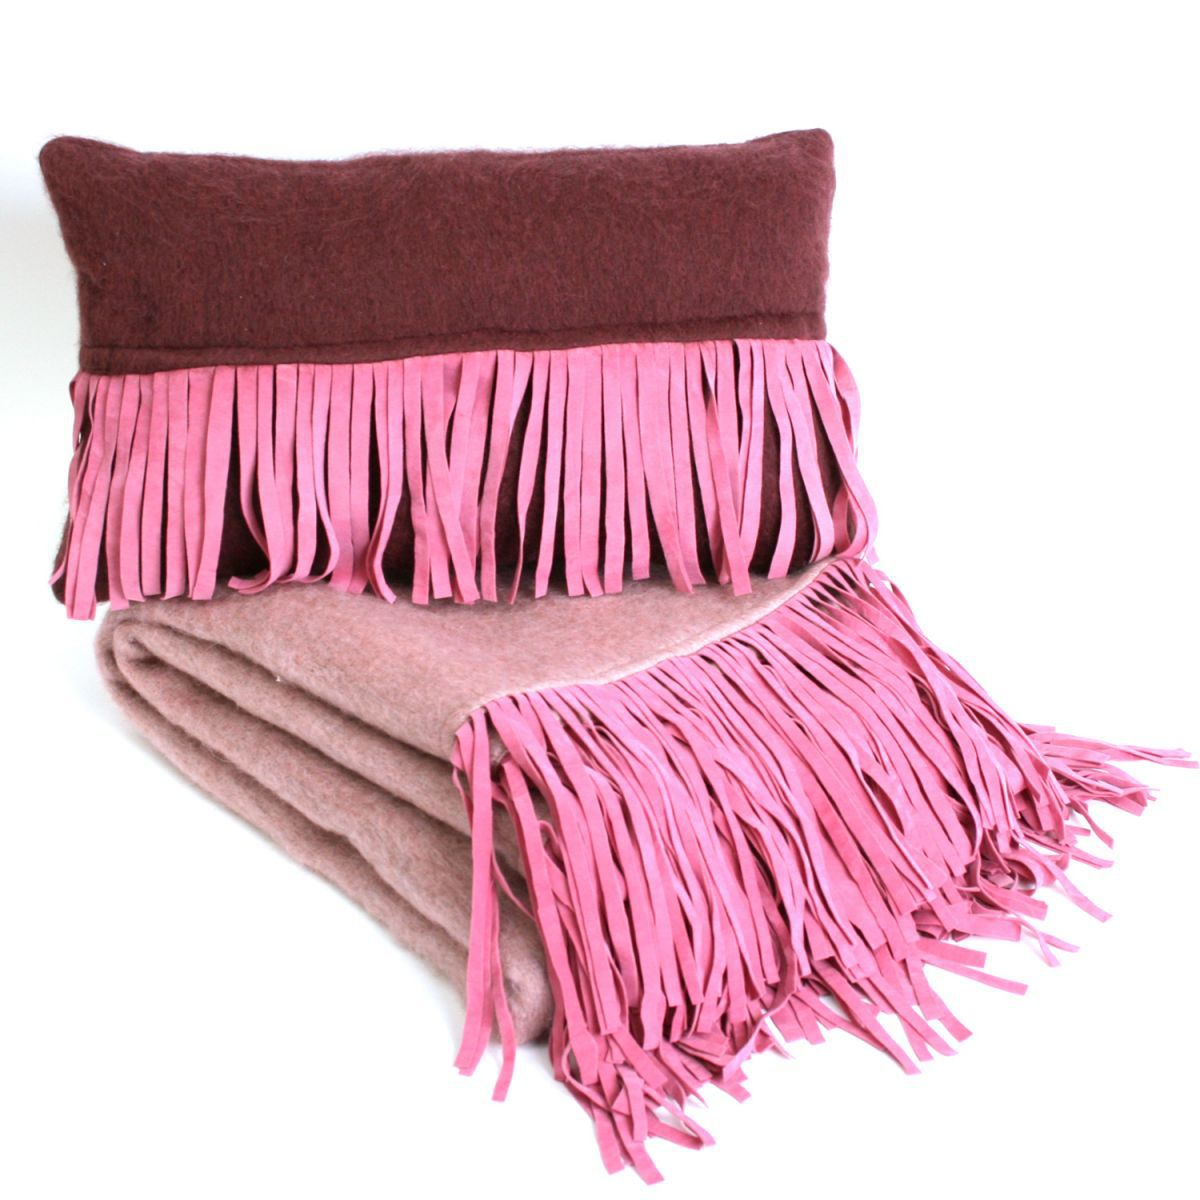 deken roze met suedine franjes 130x170cm